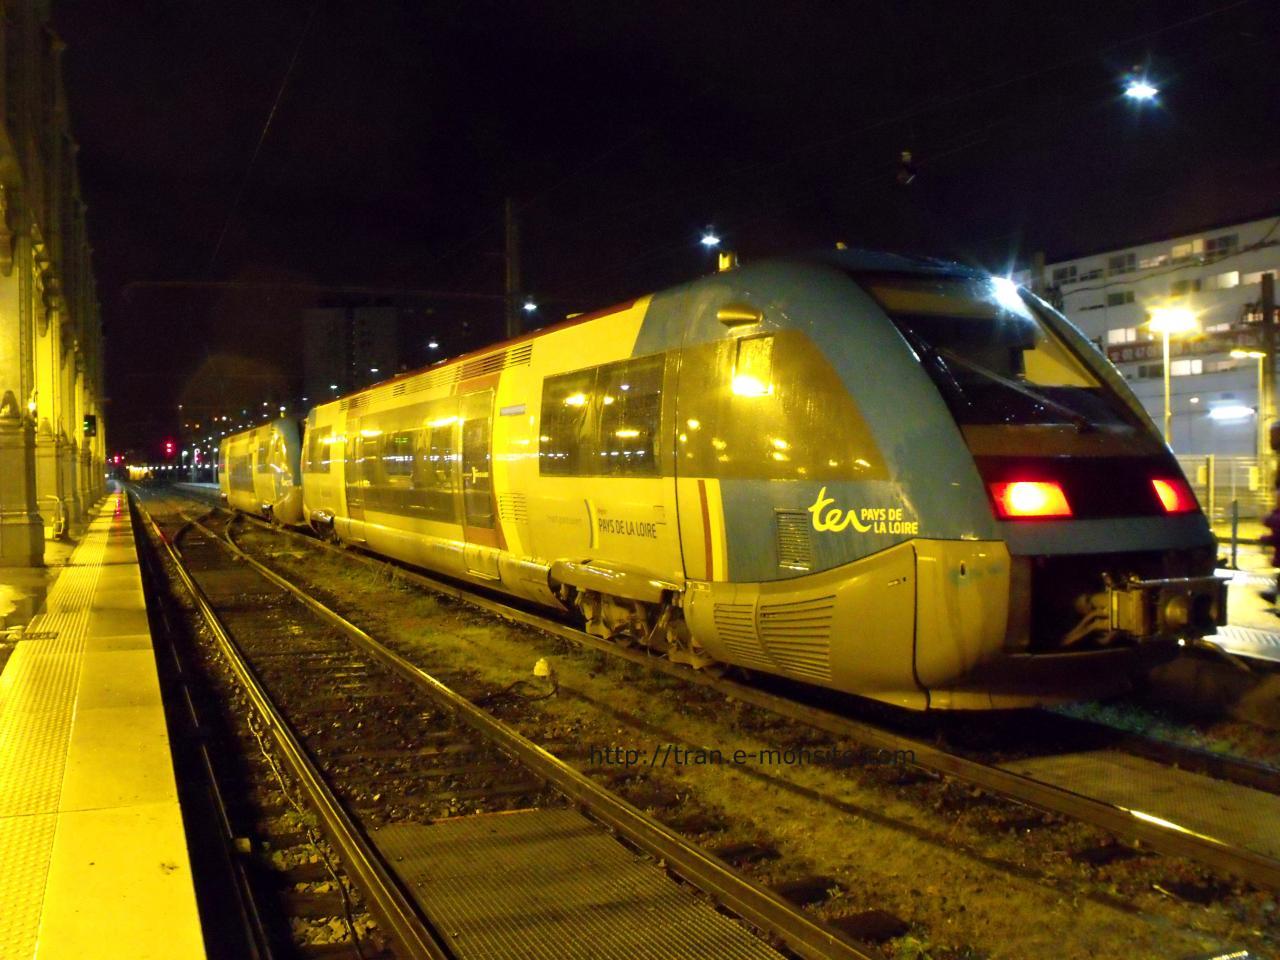 Autorail diesel X 73500 en livrée Pays de la Loire